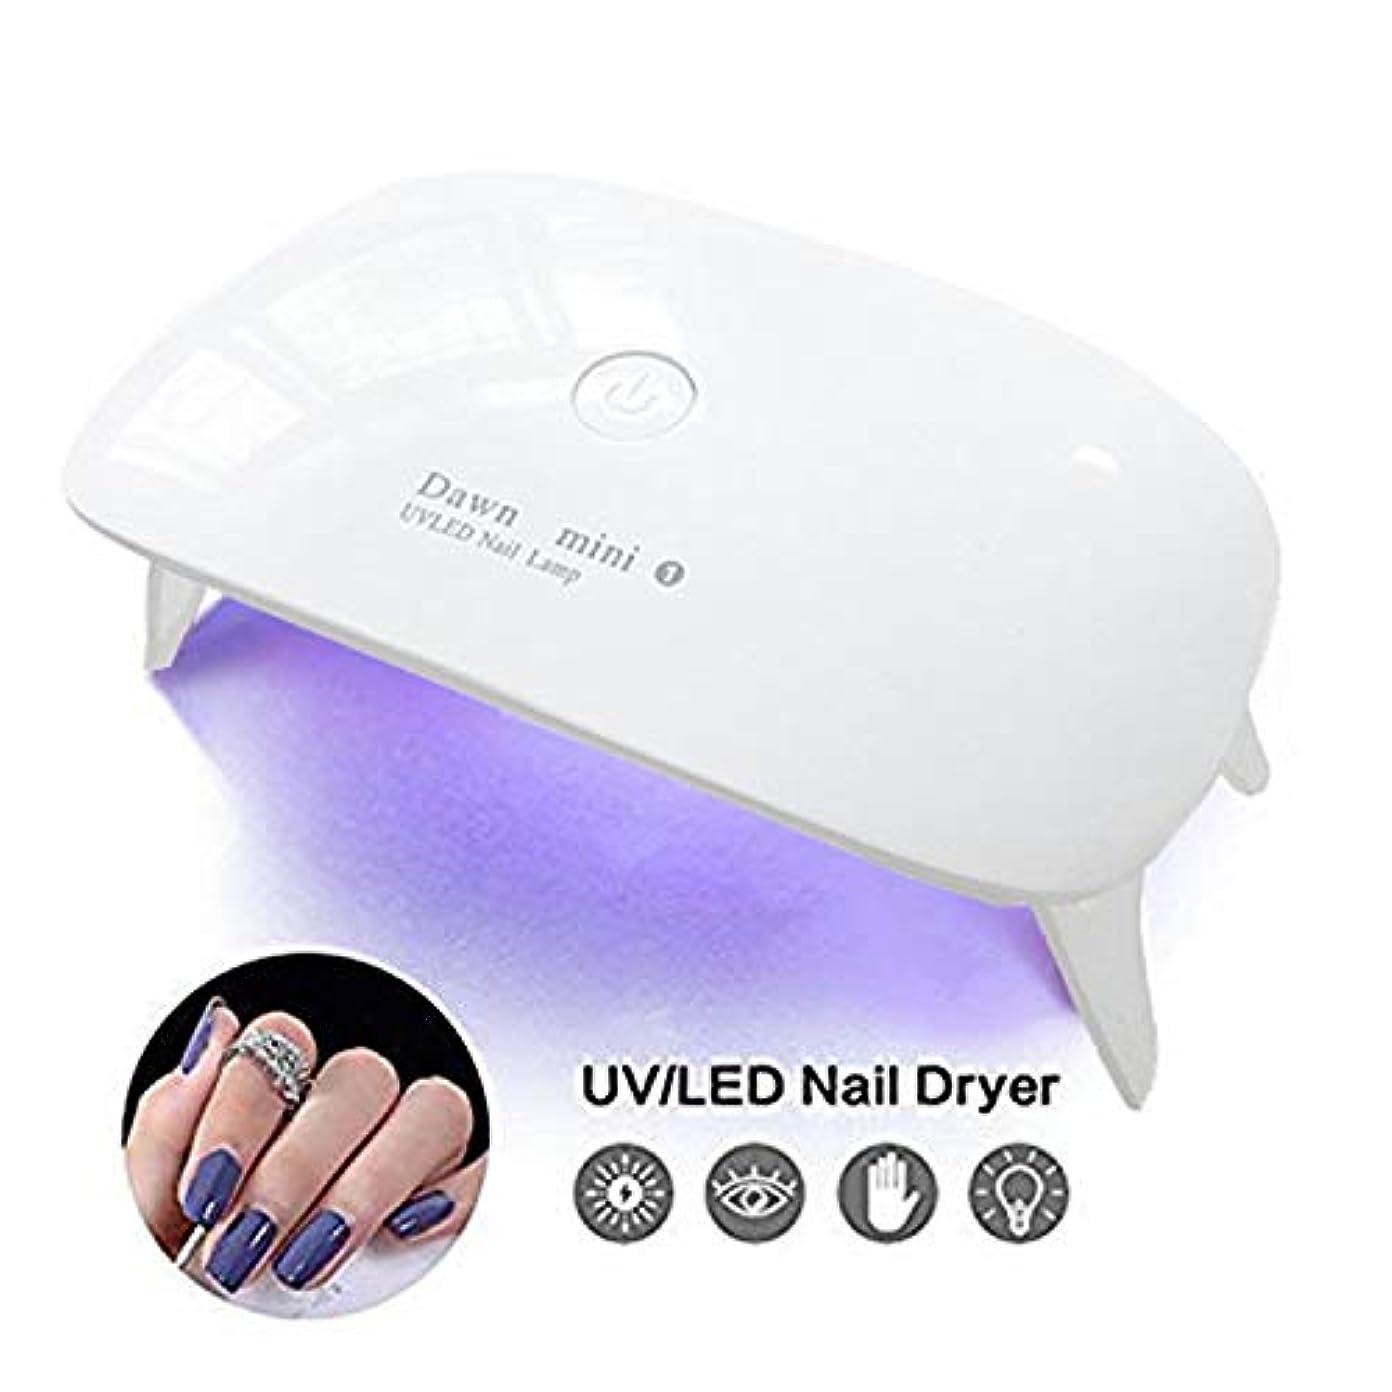 排除考慮放課後UVライト LEDネイルドライヤー ジェルネイルLEDライト 硬化ライト タイマー設定可能 折りたたみ式手足とも使える UV と LEDダブルライト ジェルネイル用 ホワイト 日本語説明書付き